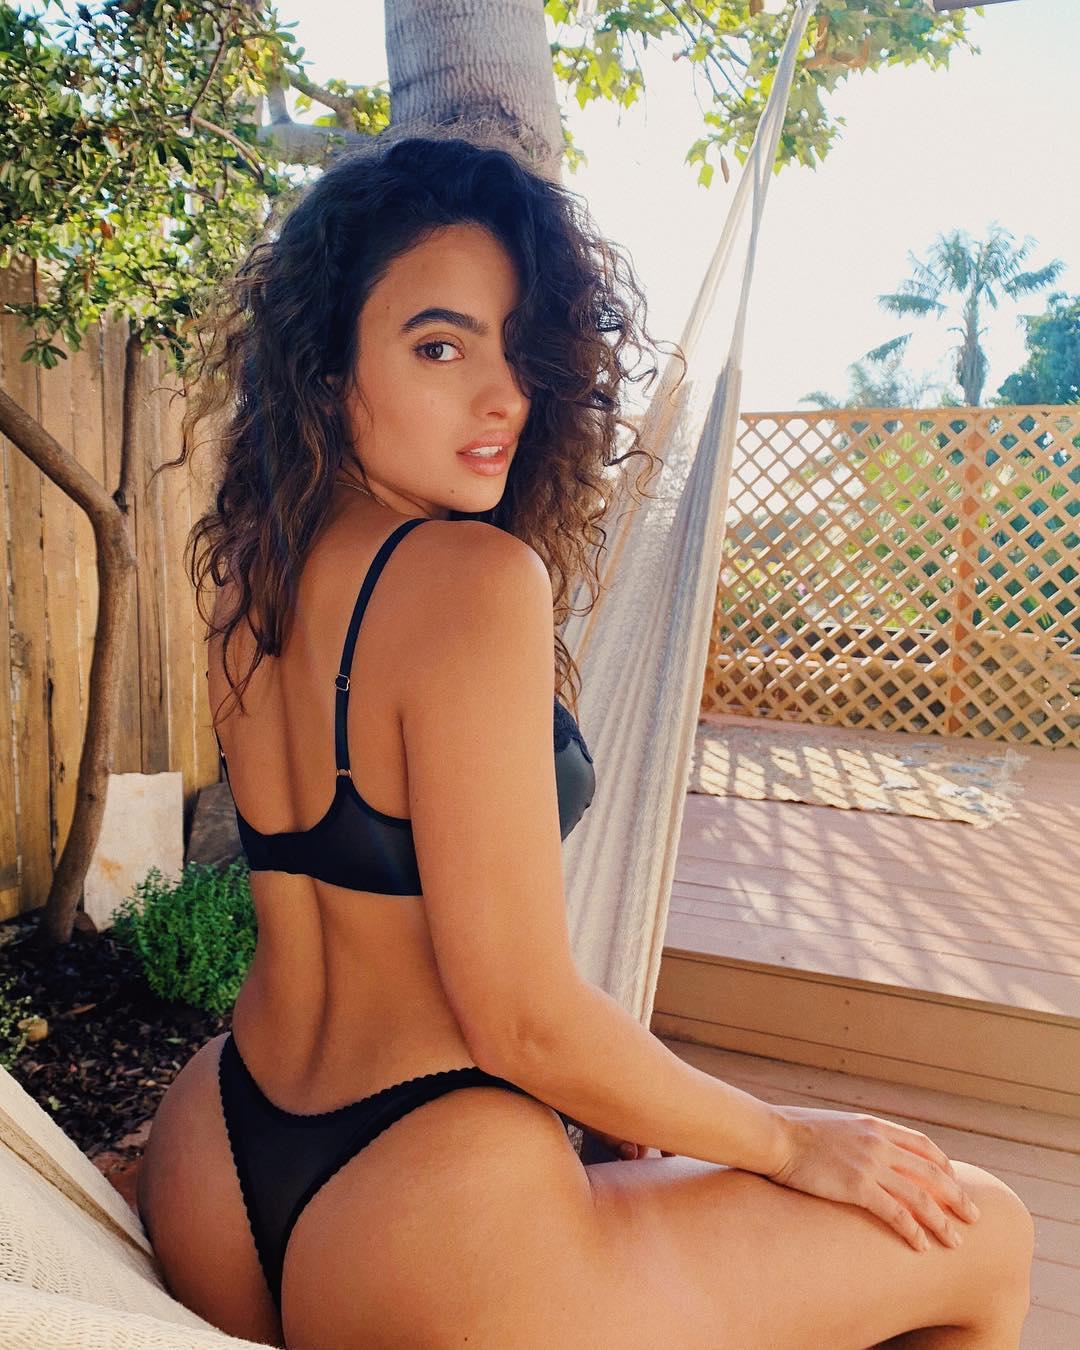 2019 Nina Daniele nudes (76 photo), Topless, Sideboobs, Boobs, bra 2017